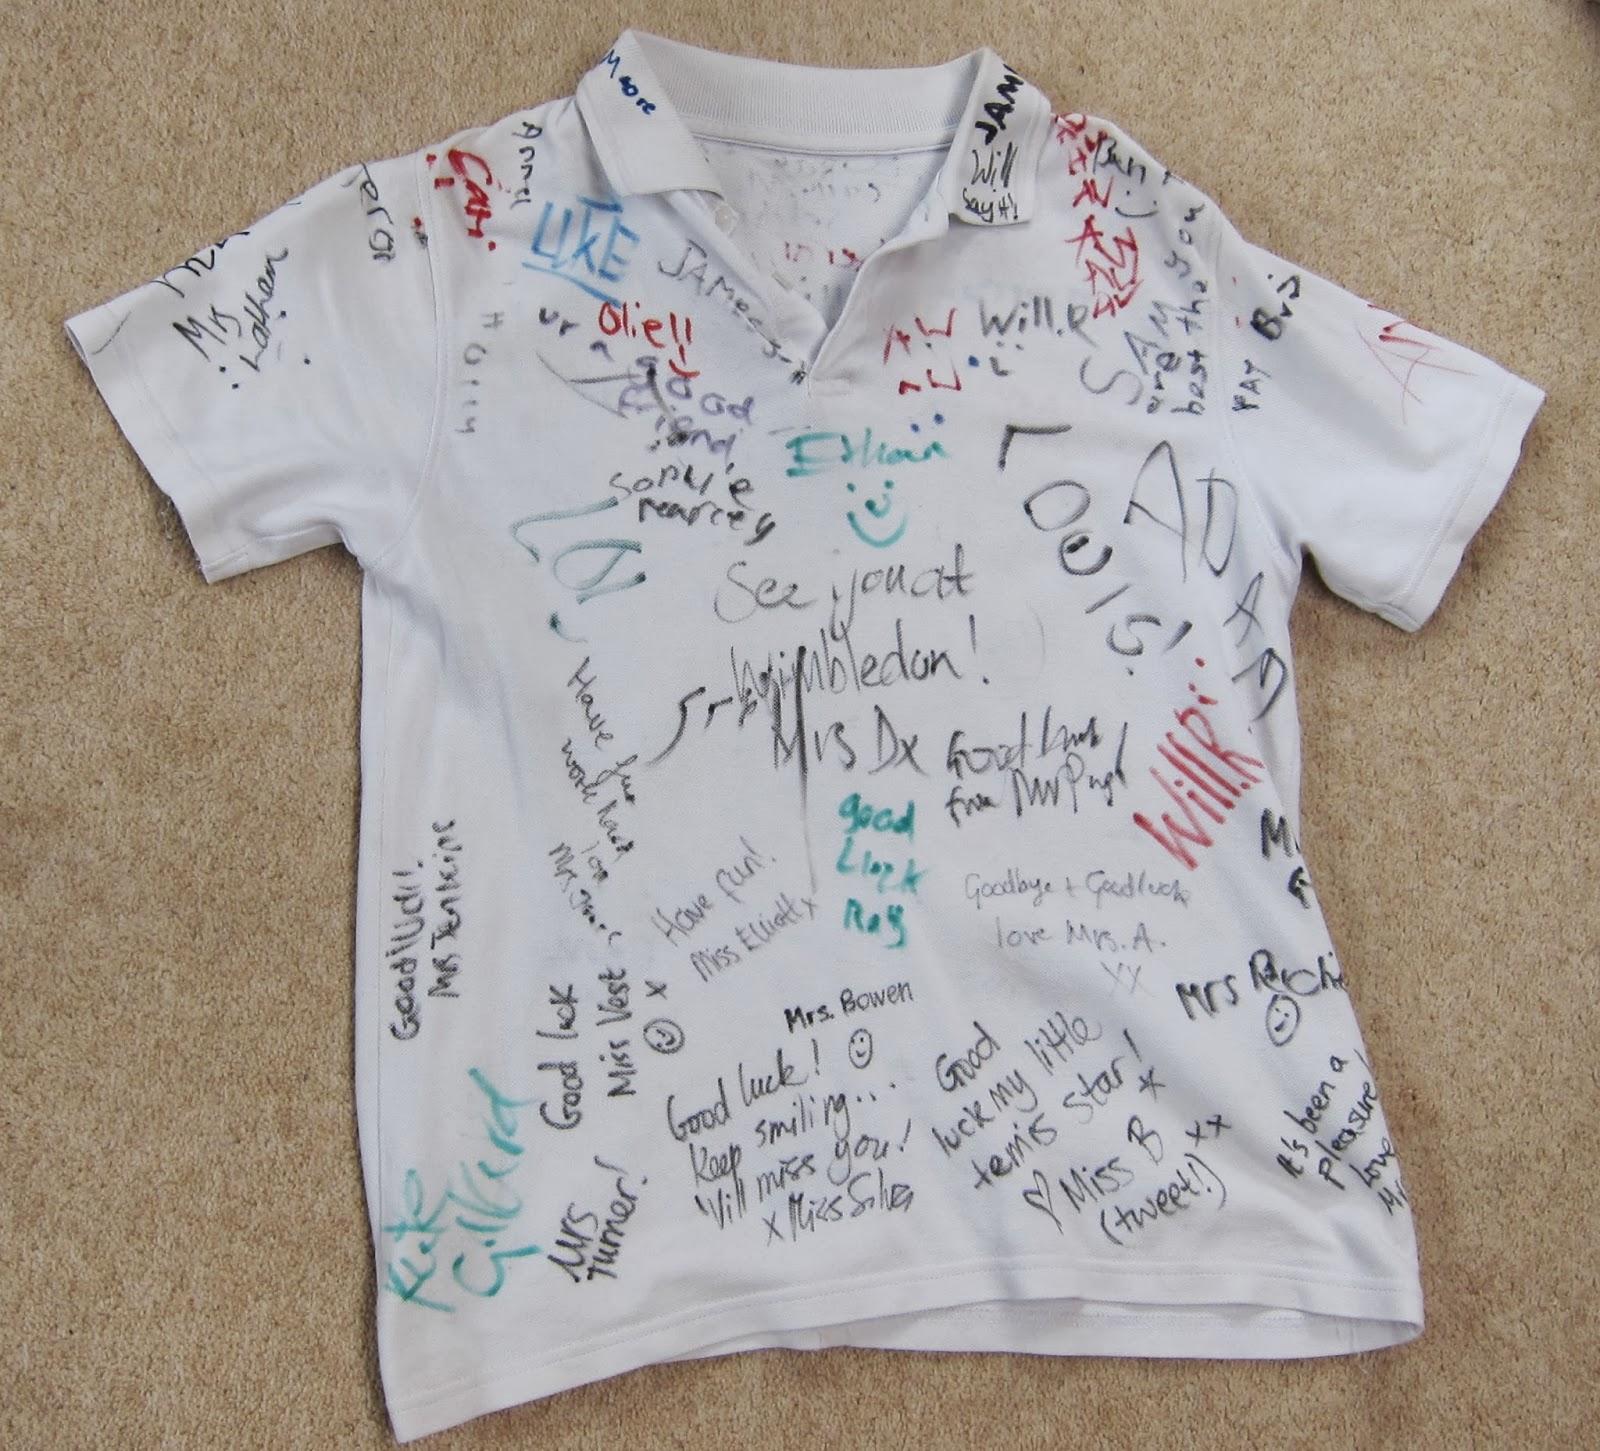 イギリスの小学校 ポロシャツの制服 息子へクラスメイトからの卒業メッセージ